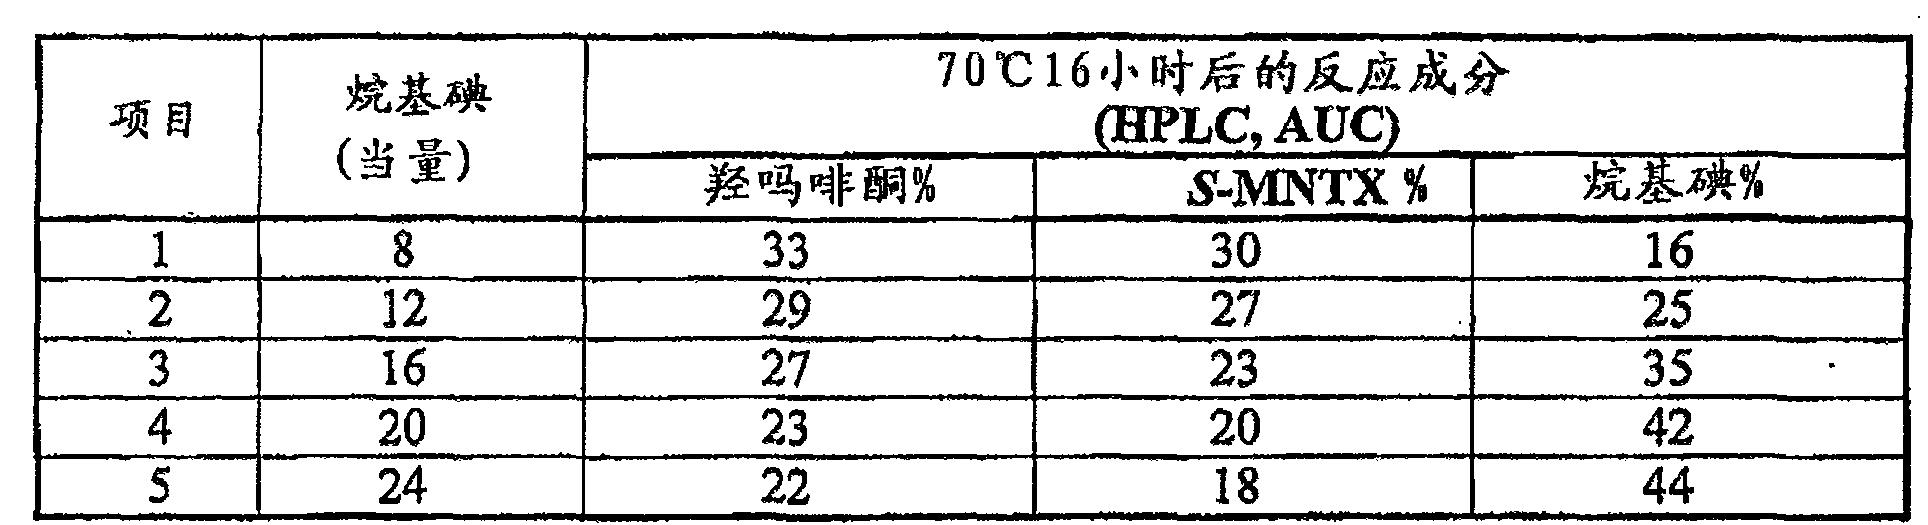 Figure CN101208345BD00401